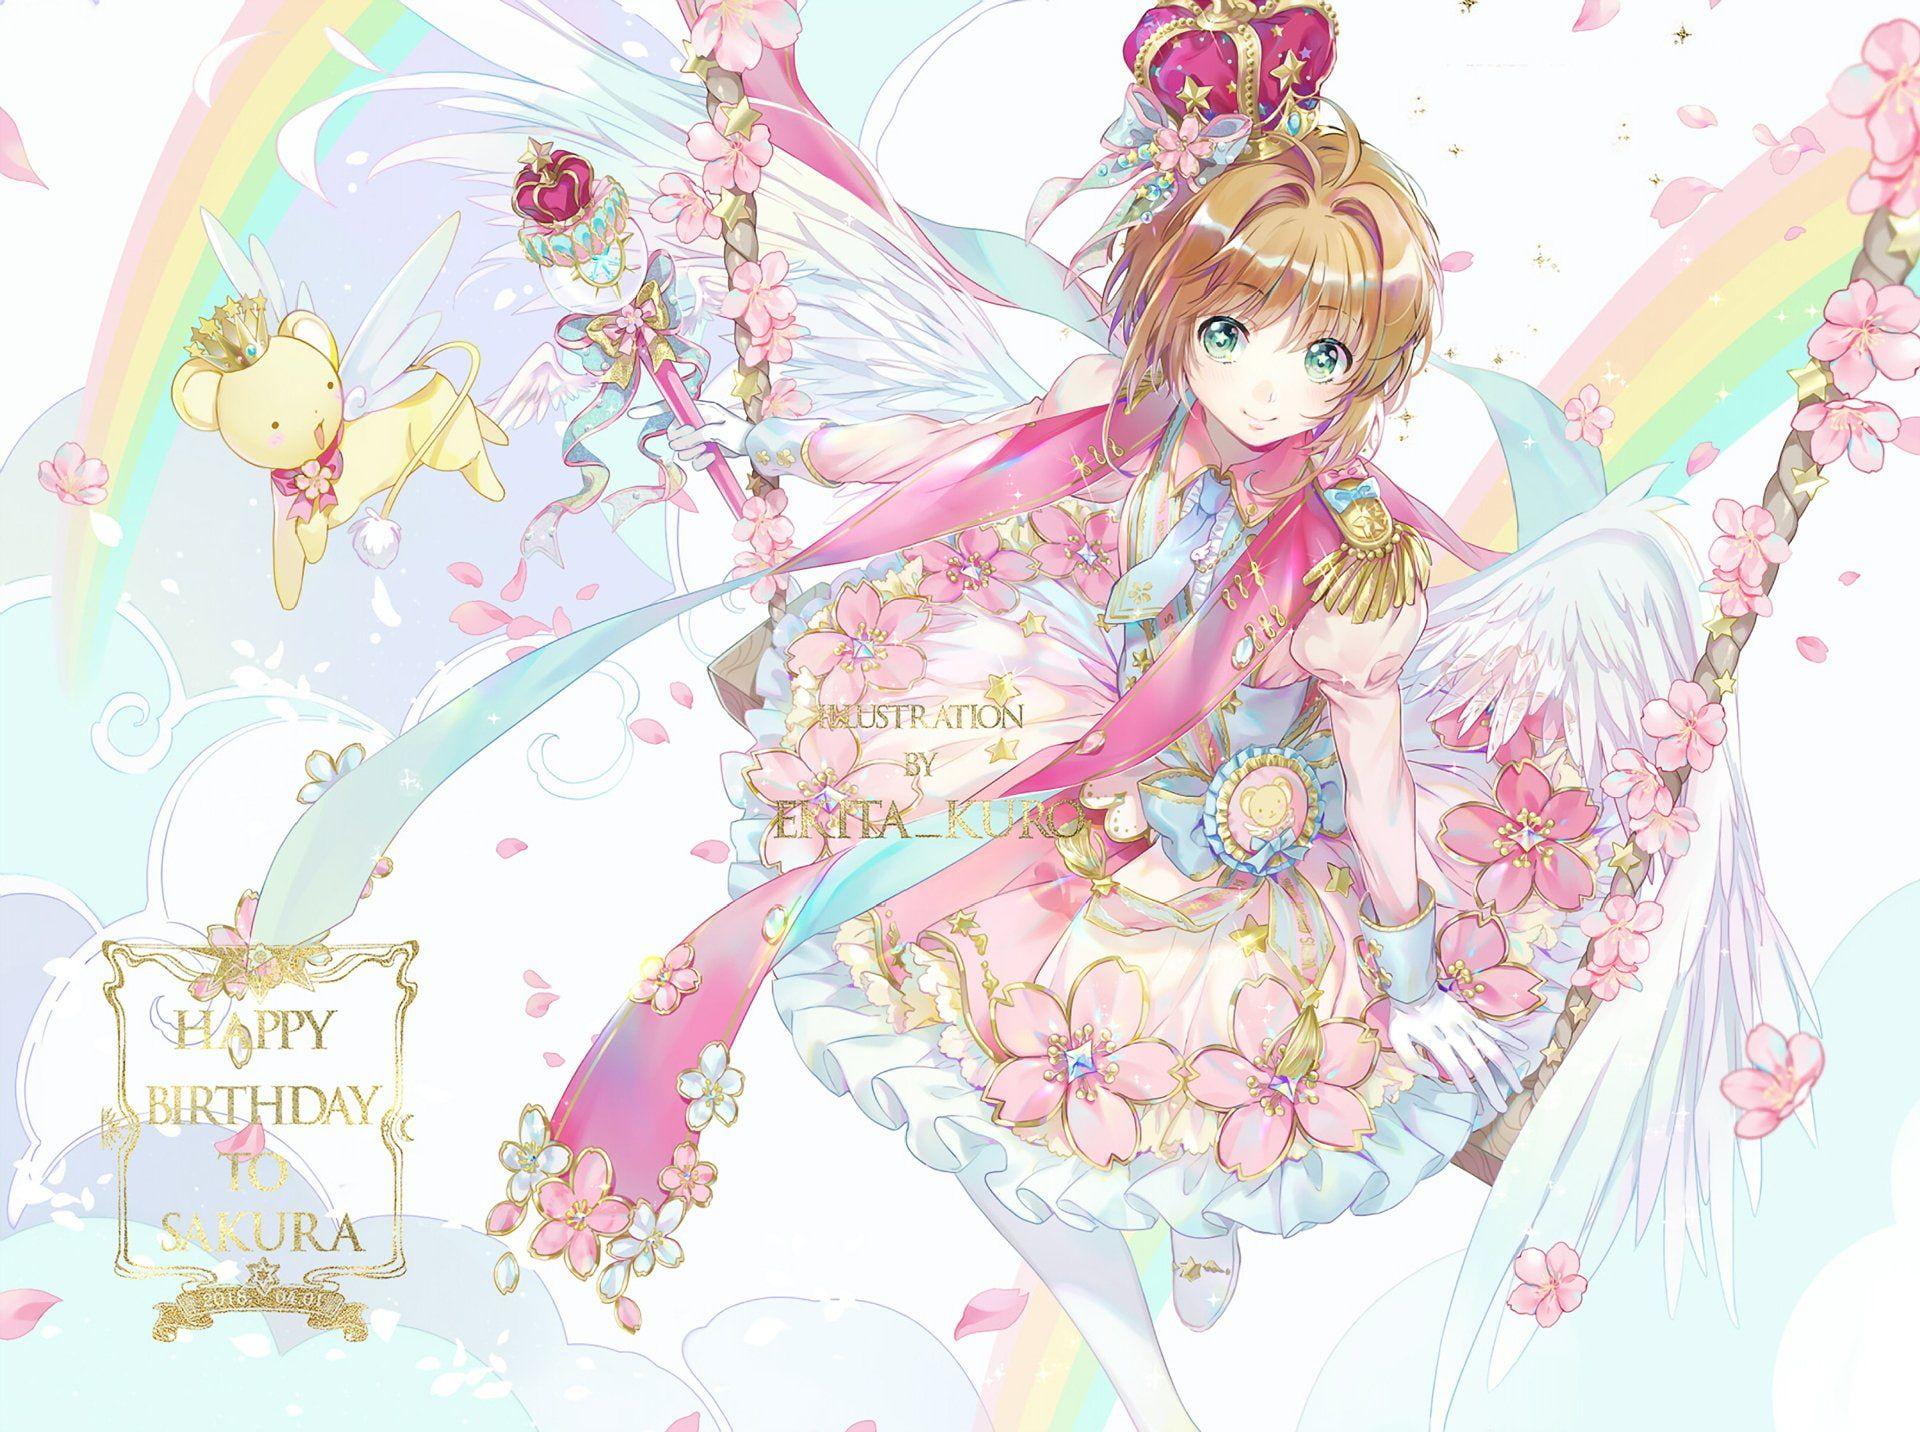 Anime Cardcaptor Sakura Sakura Kinomoto 1080p Wallpaper Hdwallpaper Desktop Cardcaptor Sakura Anime Cardcaptor